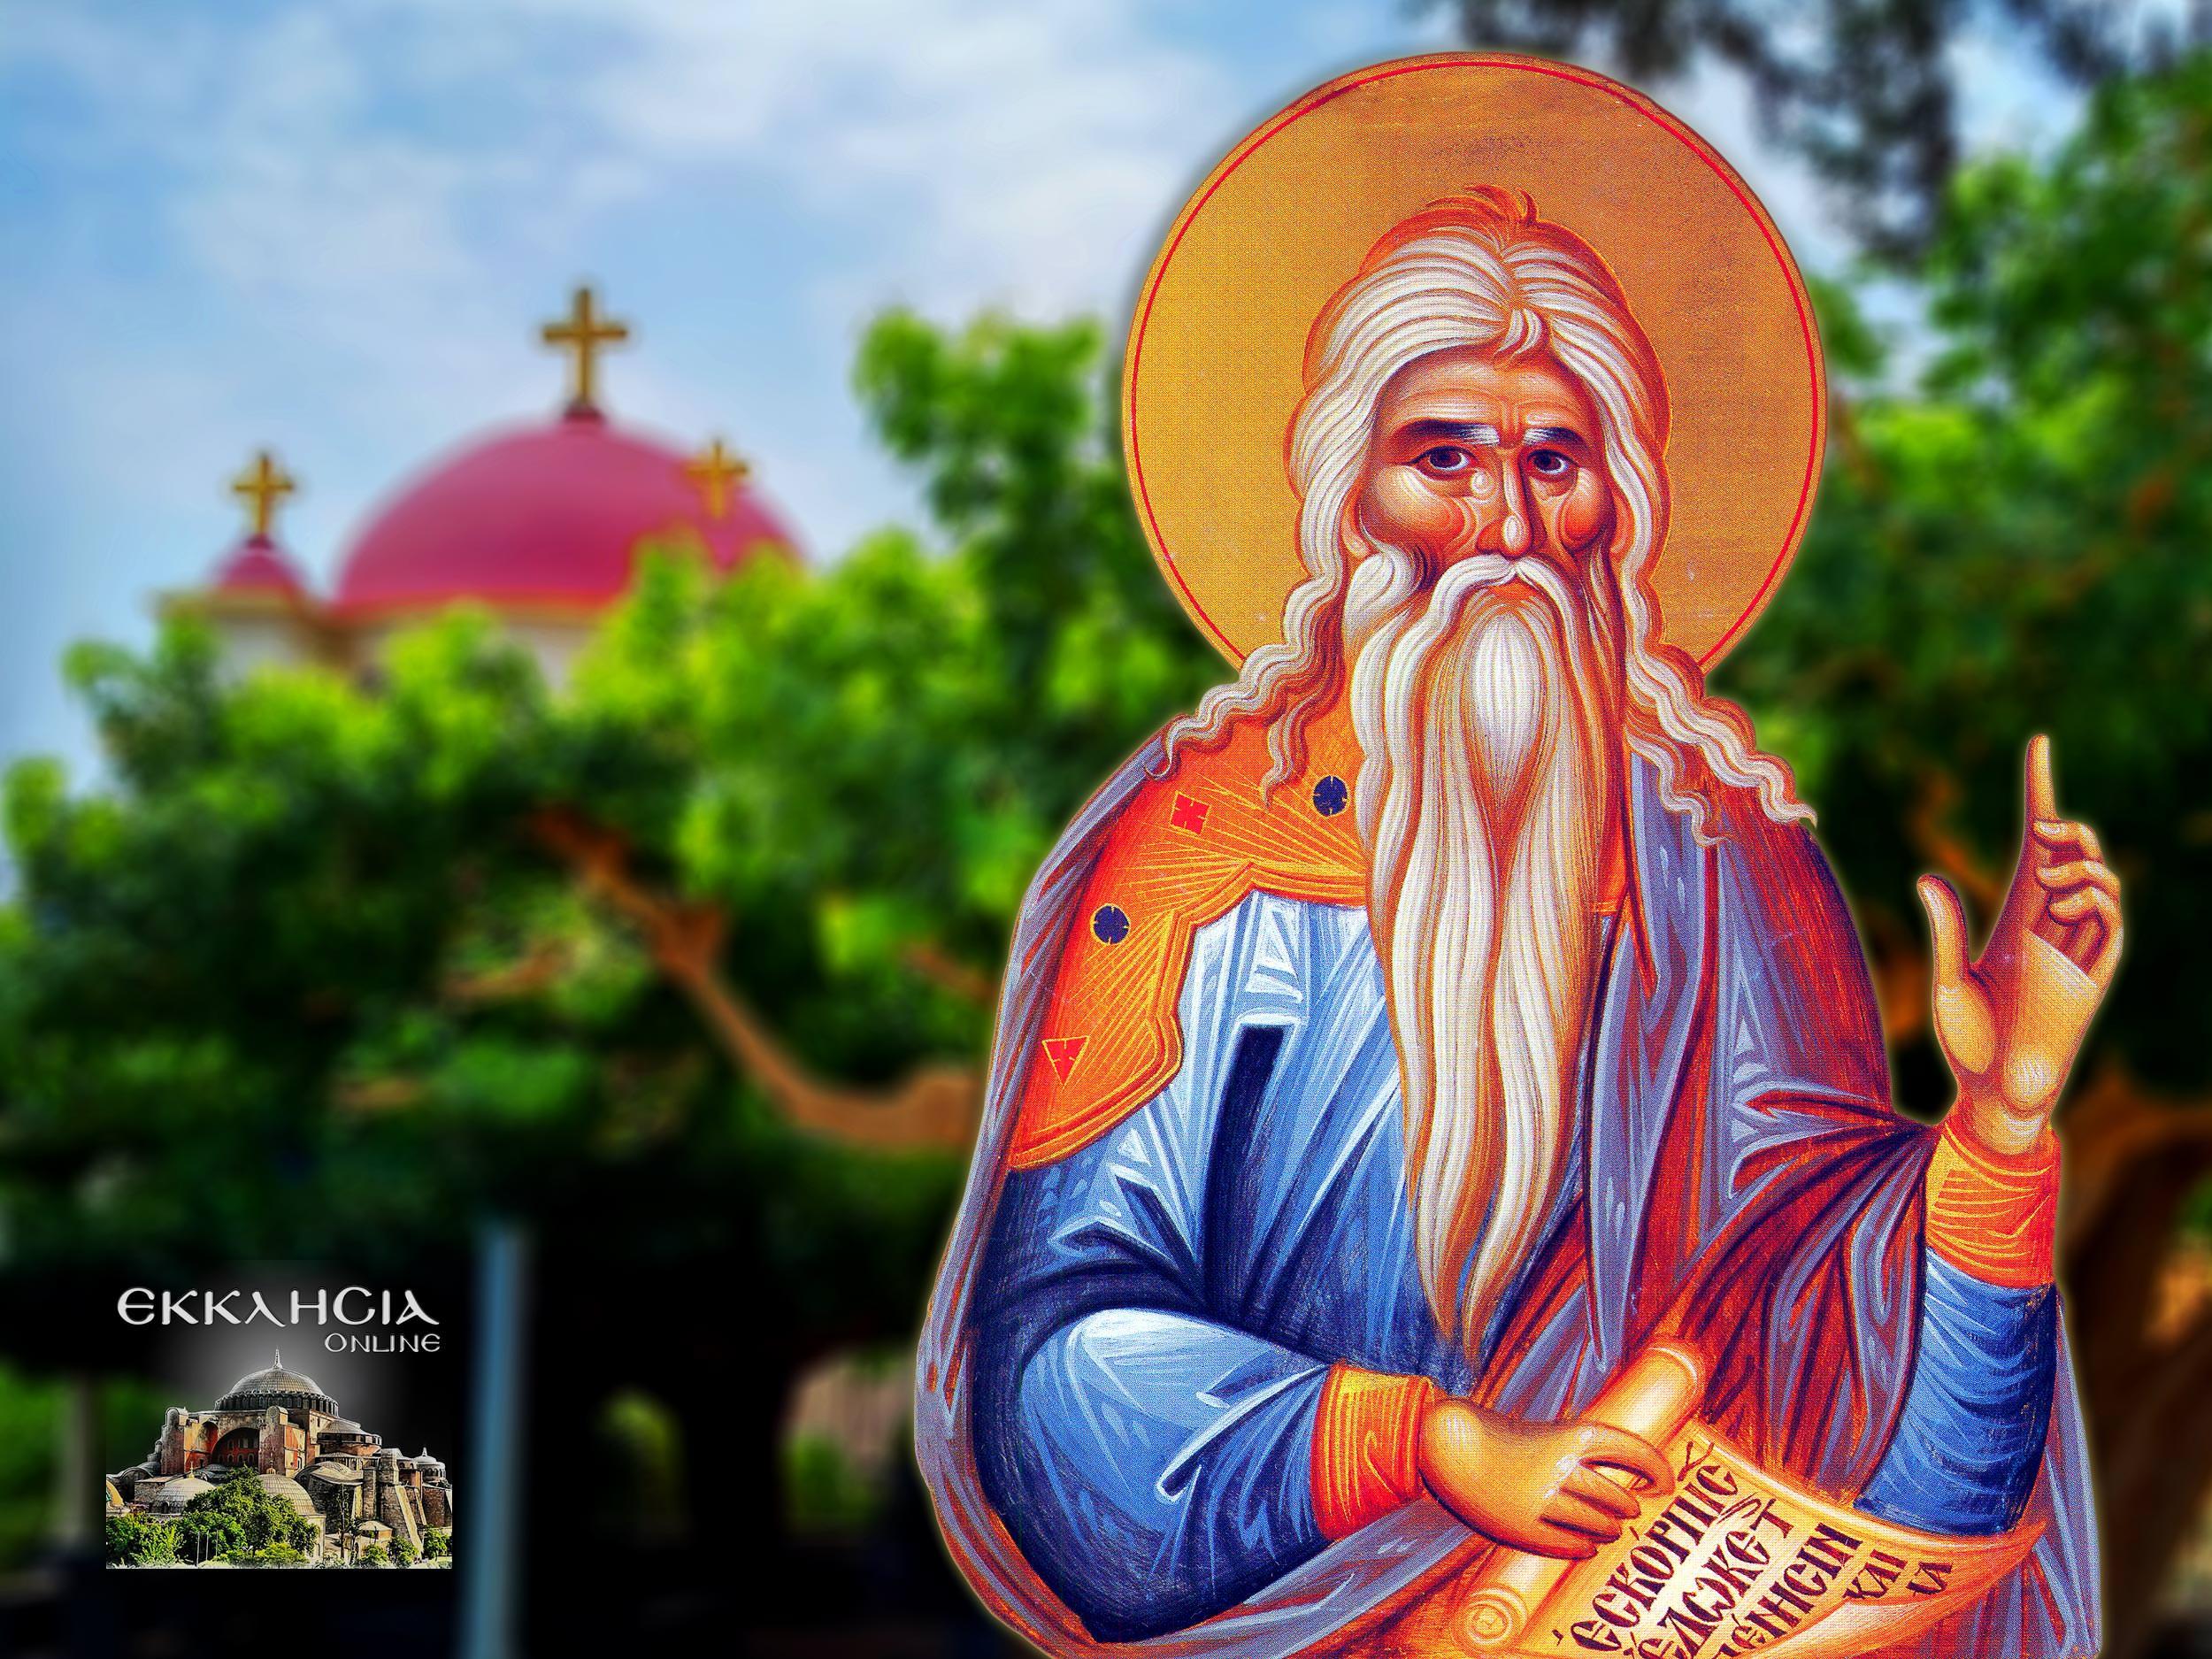 Άγιος Φιλάρετος ο Ελεήμων 1 Δεκεμβρίου